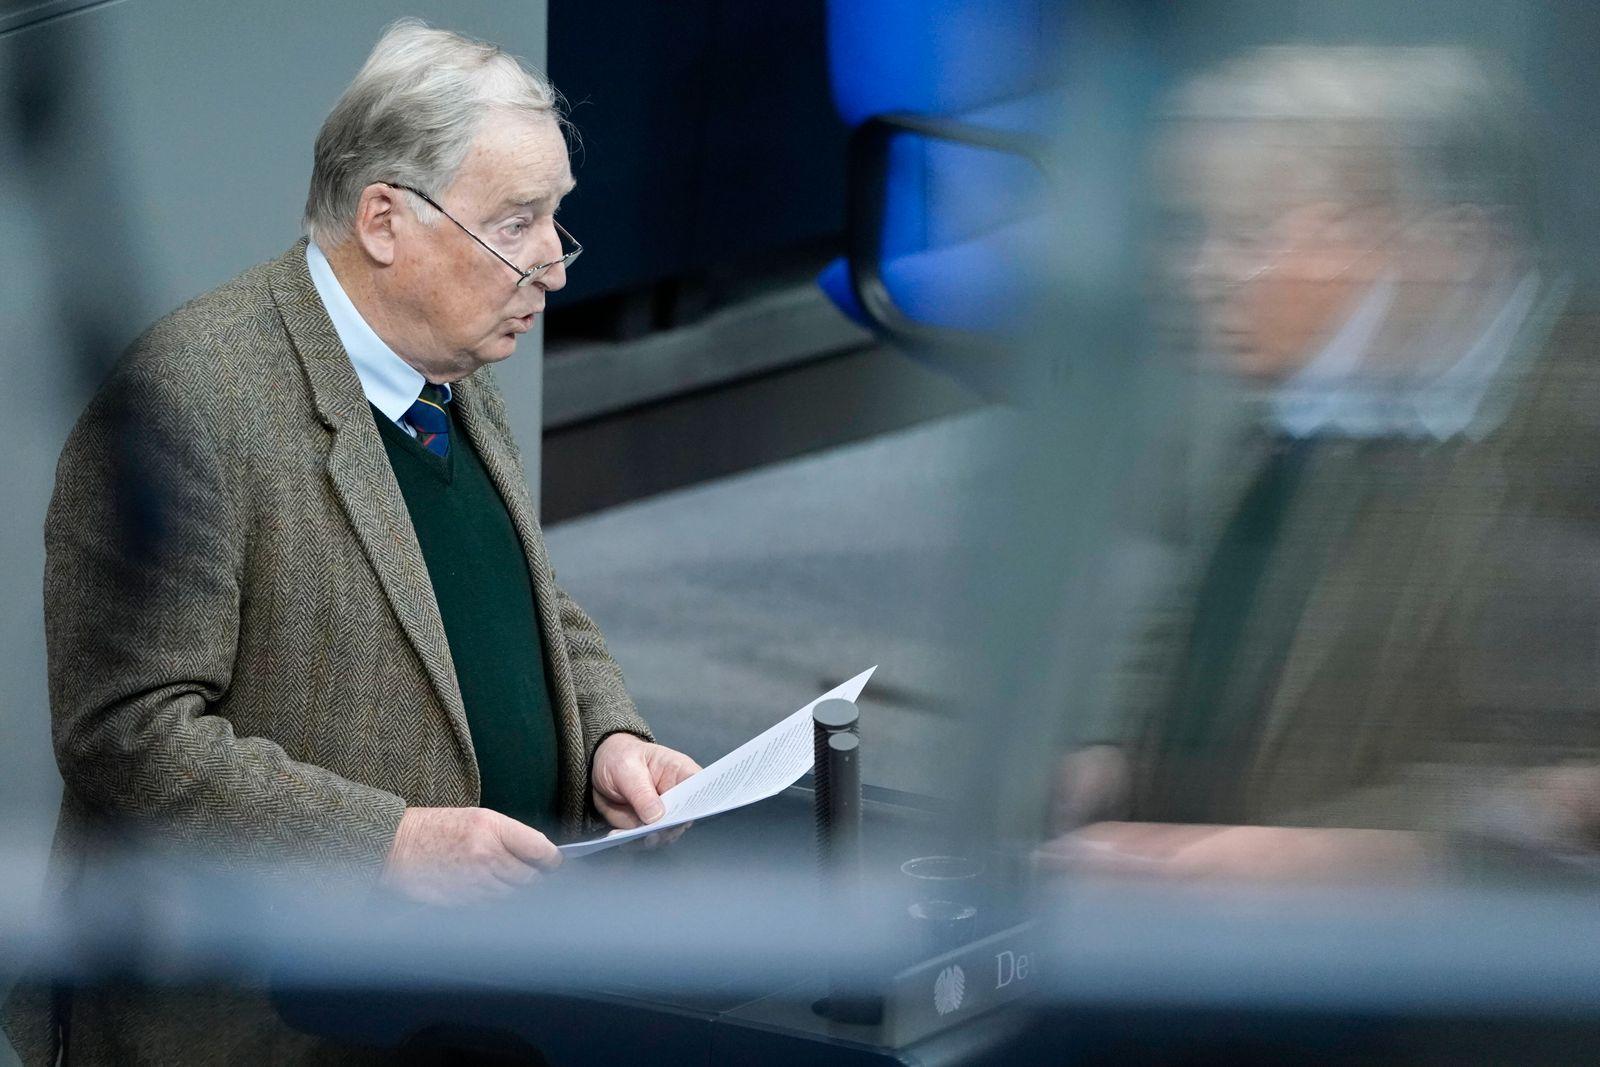 193. Bundestagssitzung in Berlin Aktuell, 20.11.2020, Berlin, Dr. Alexander Gauland im Portrait bei seiner Rede und Ent